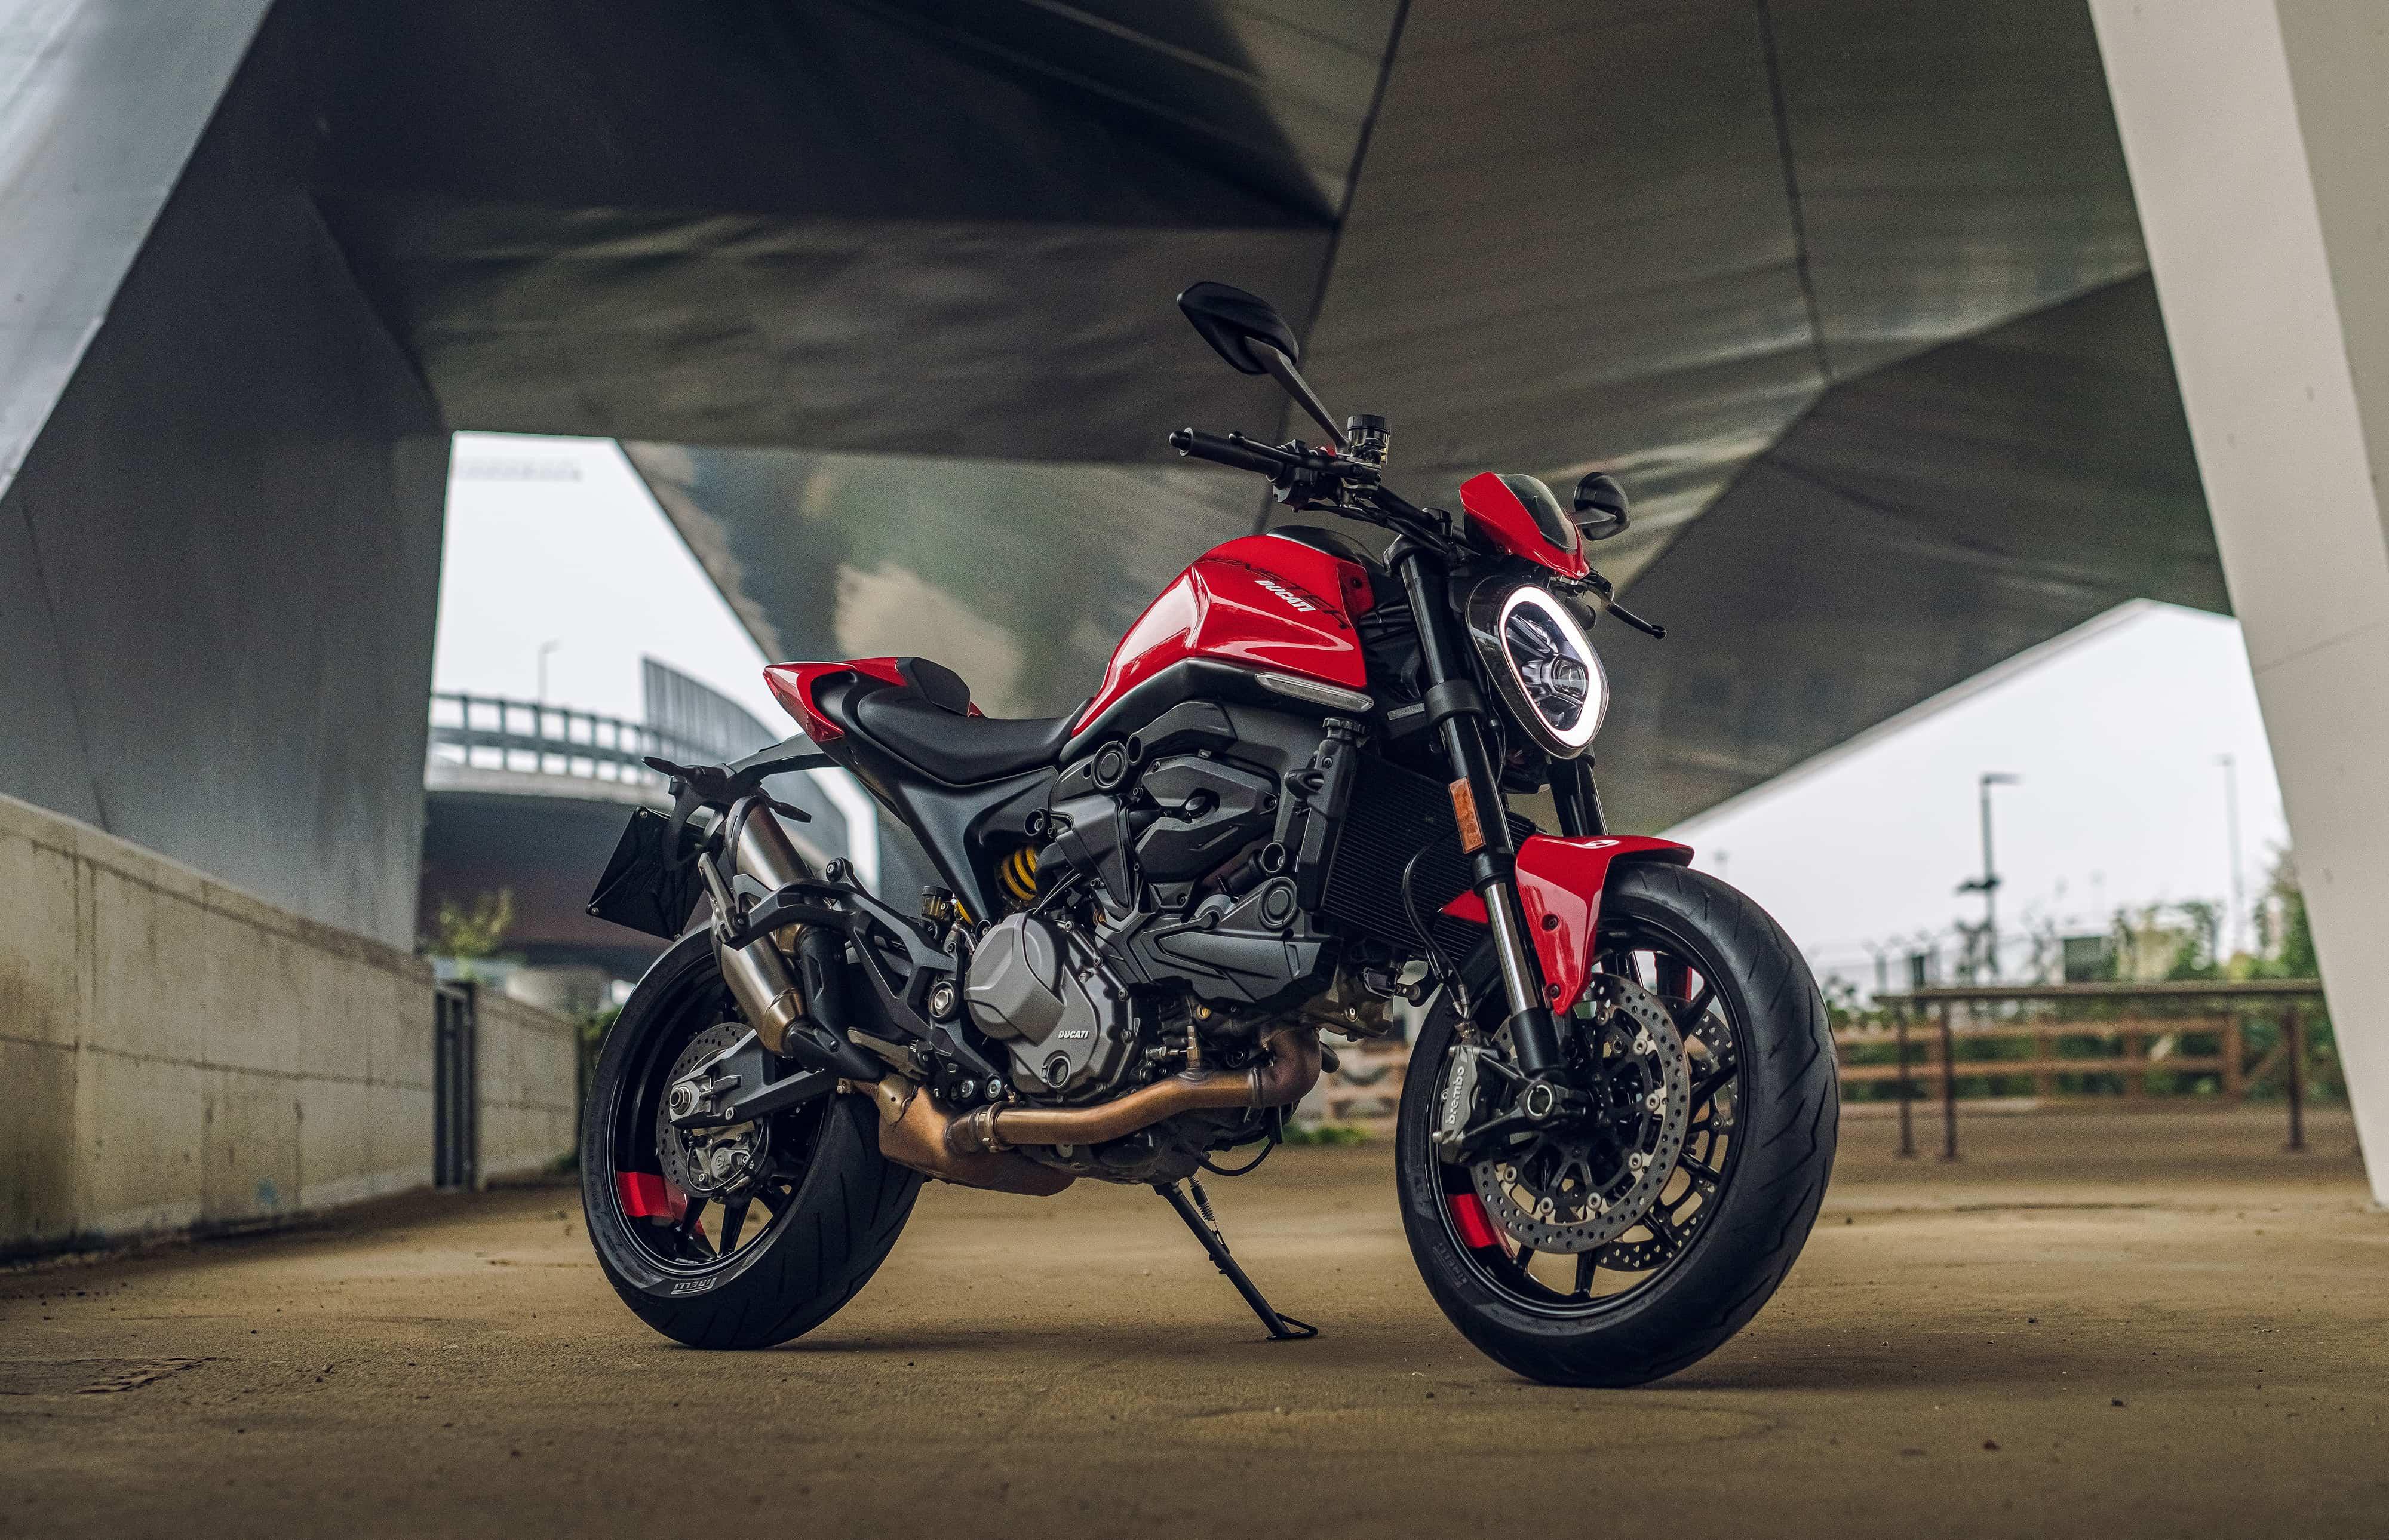 Ducati 完全新型となるモンスターを発表